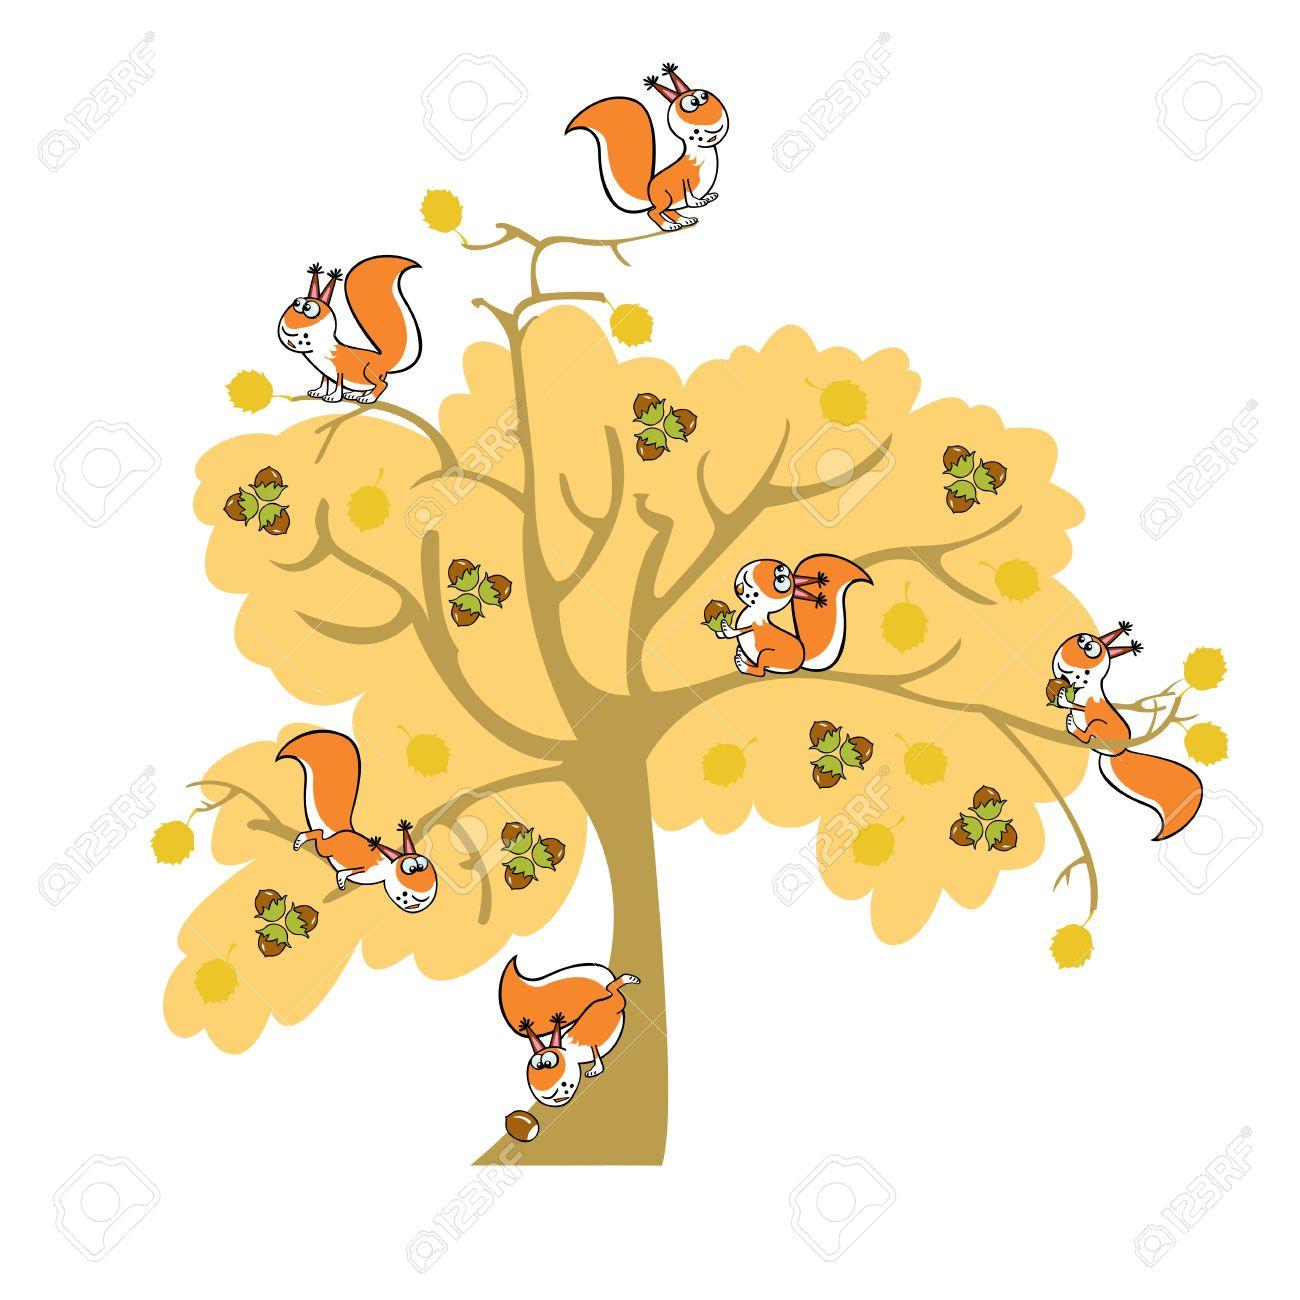 tree nut clip art - photo #27